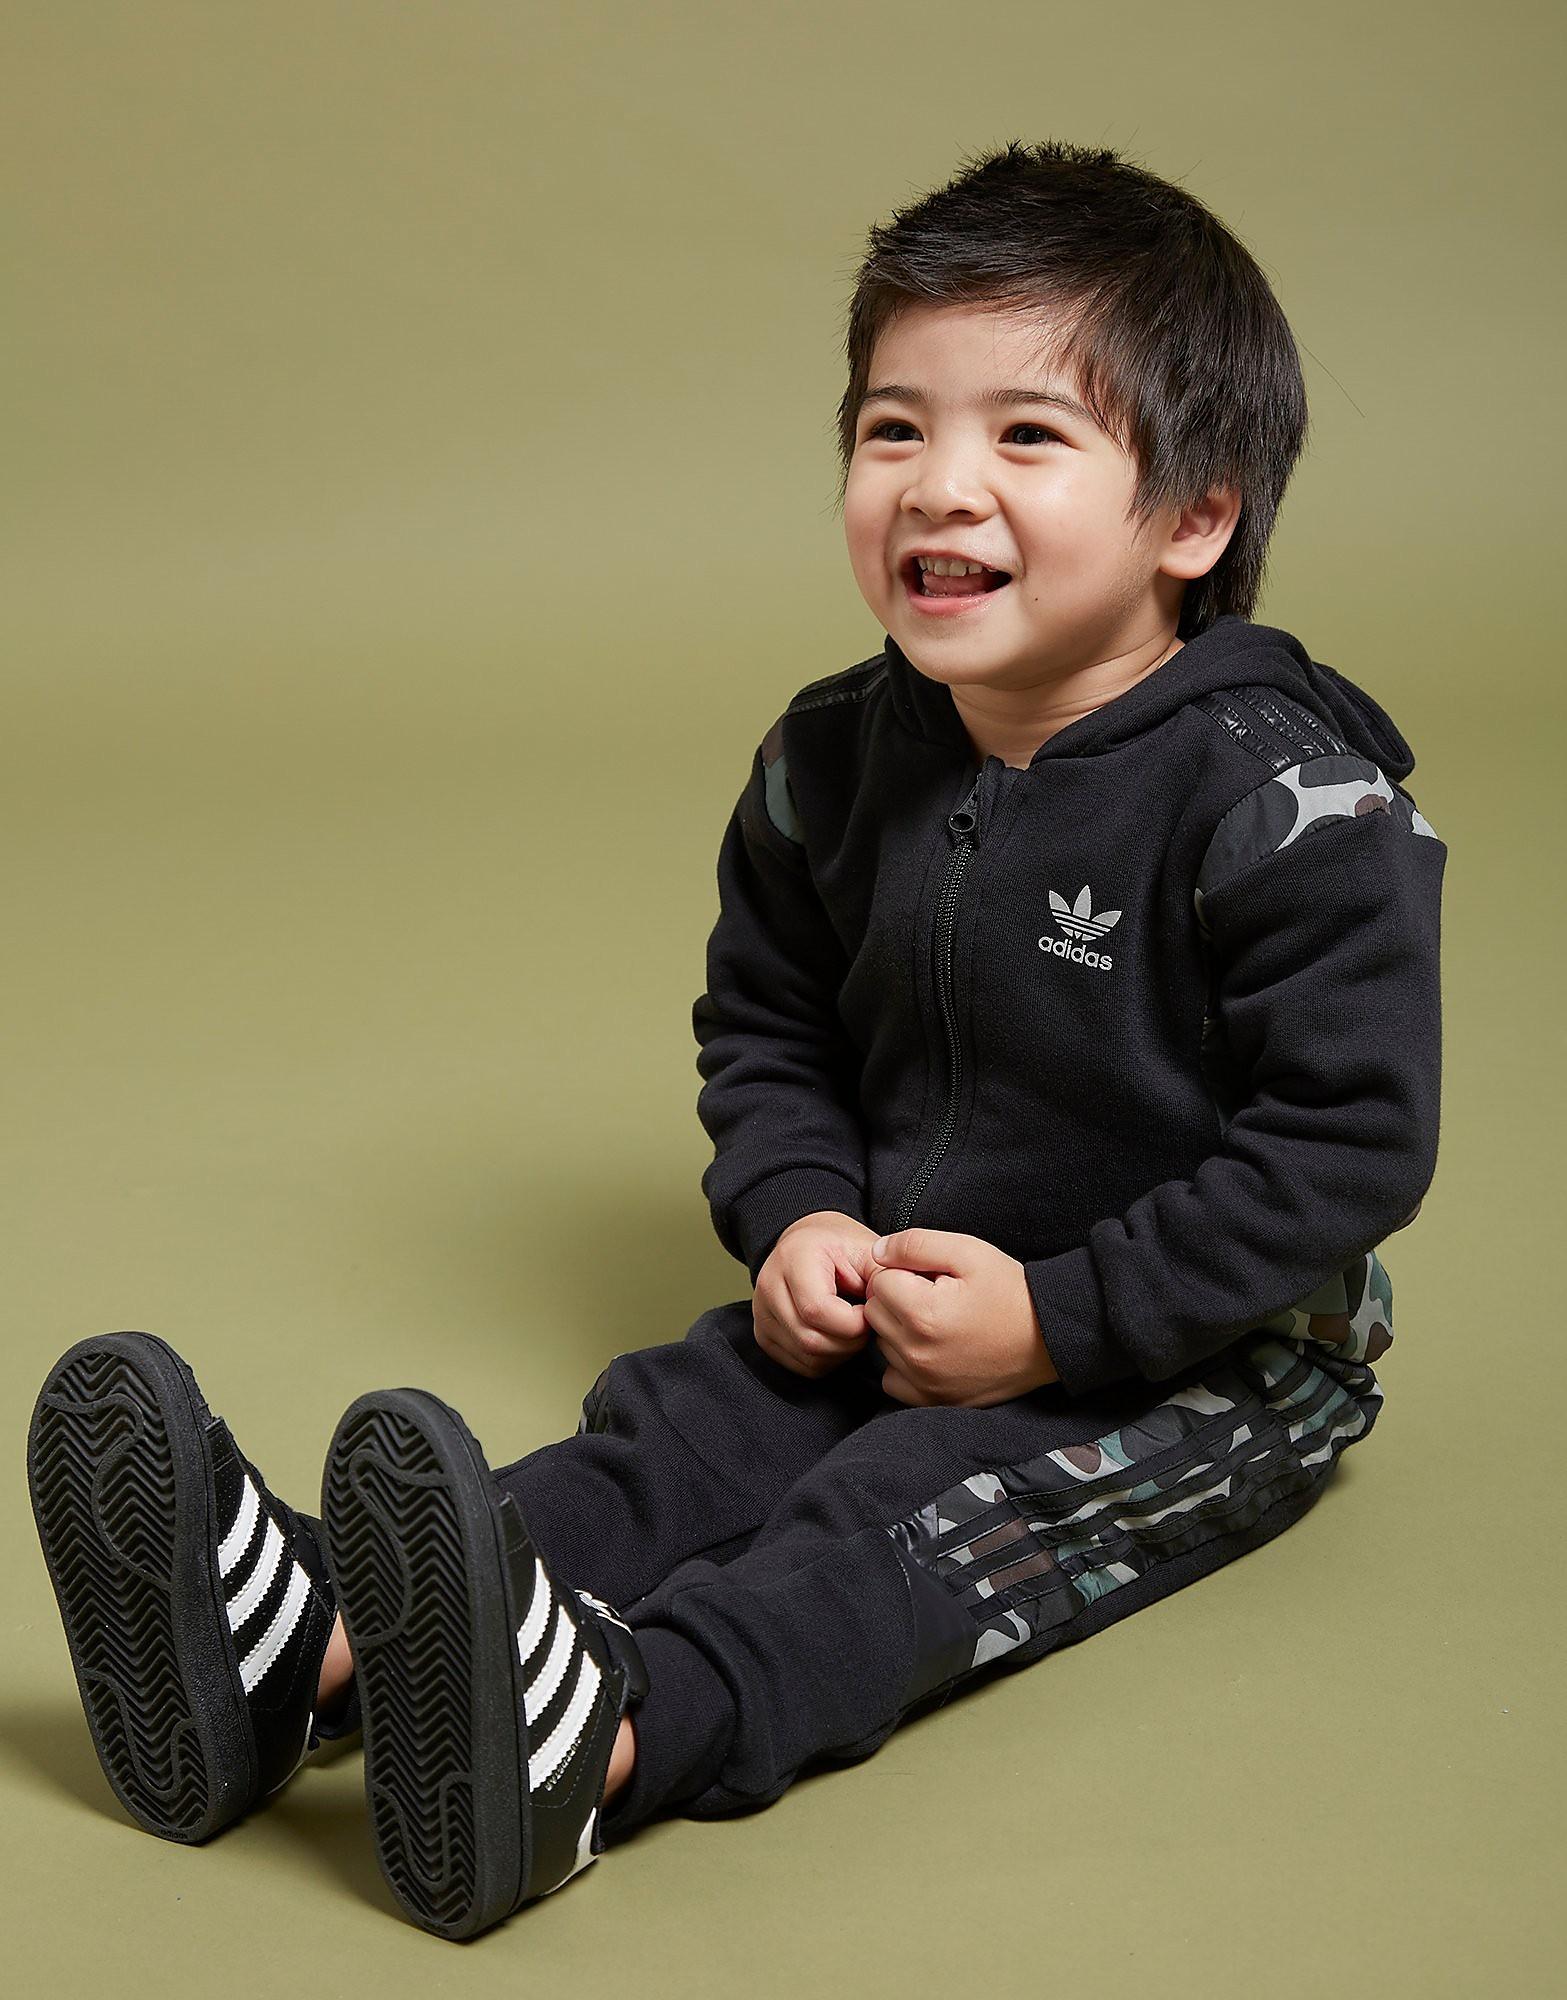 adidas Originals chándal Europe Graphic para bebé